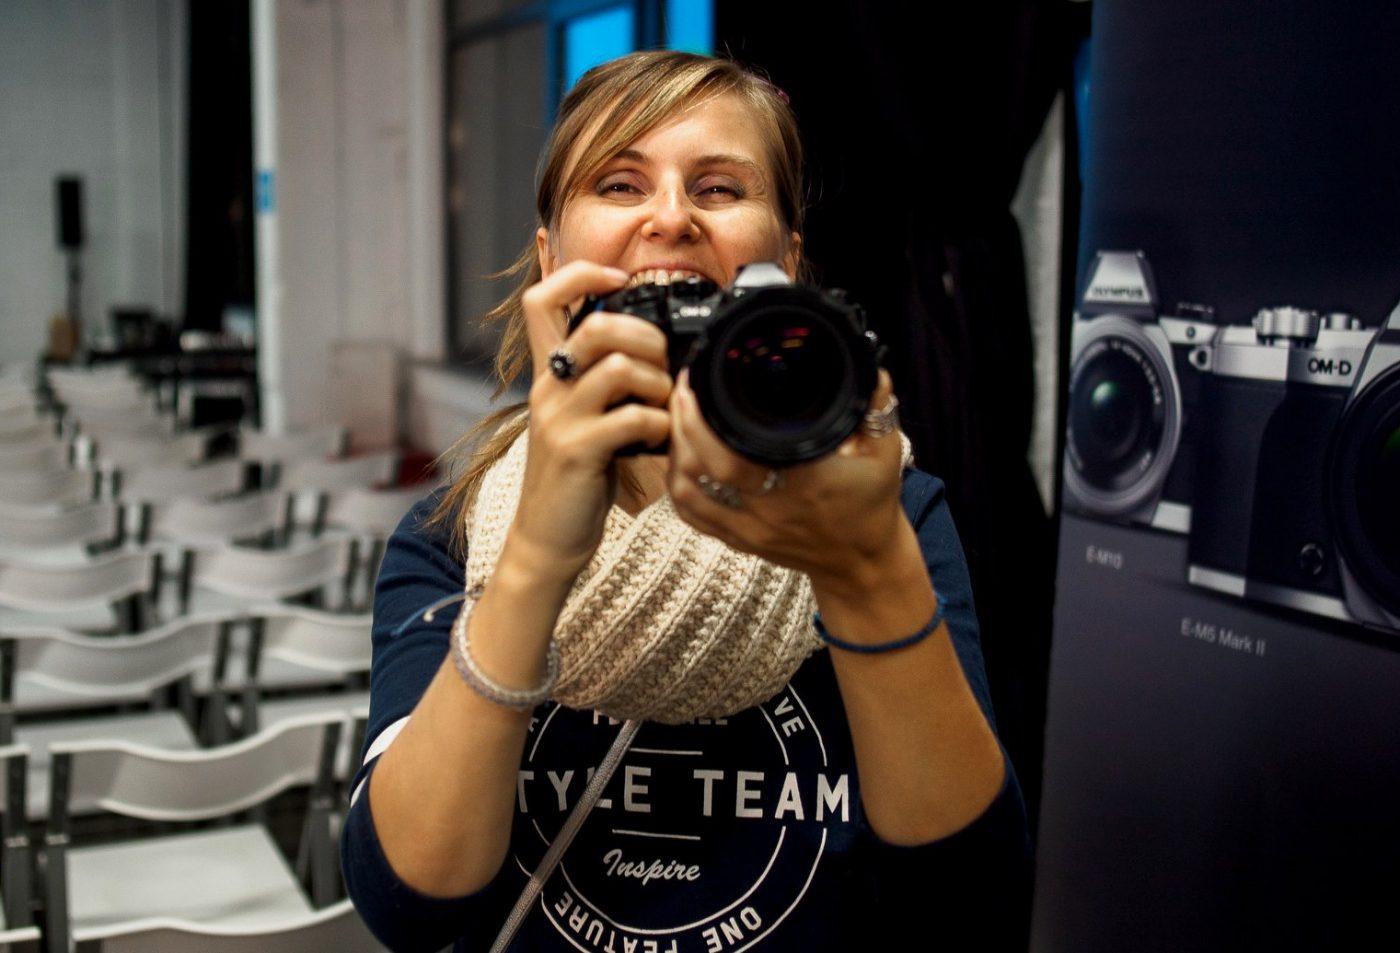 Работа фотографом в европе шилова требуются девушки для работы в японию читать